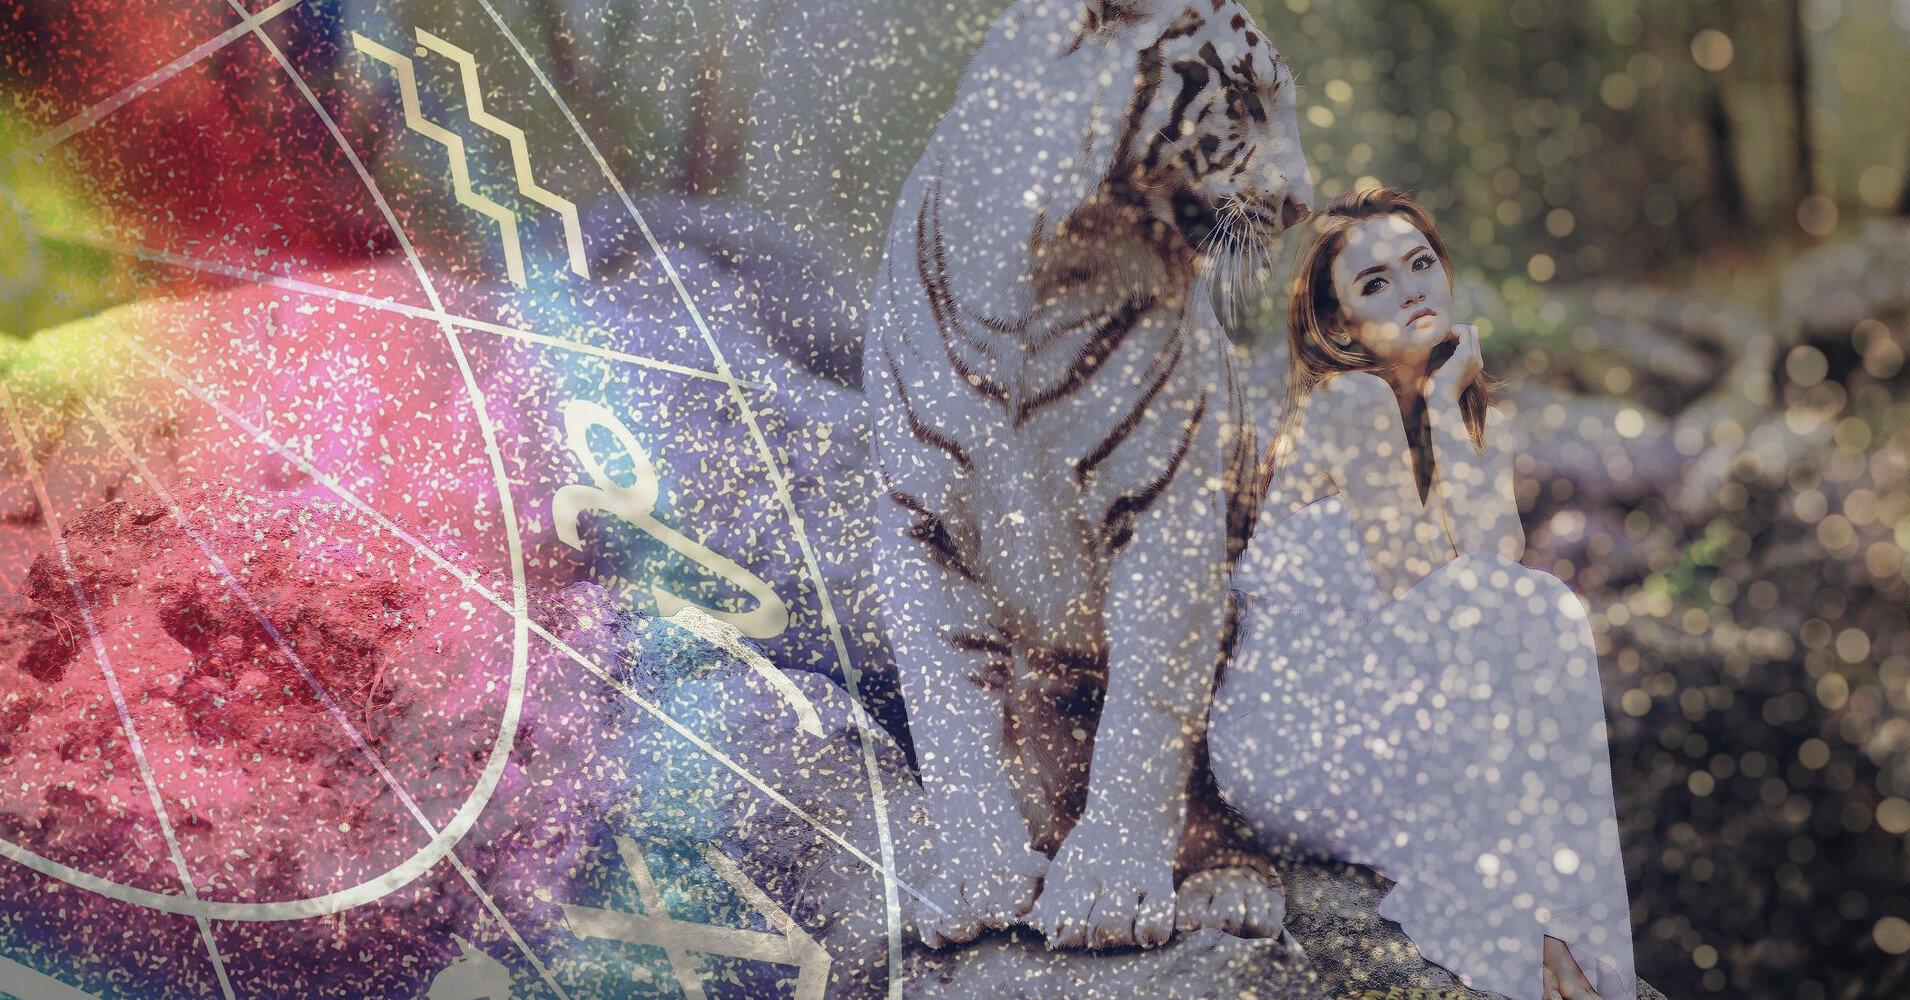 Гороскоп на сегодня 10 июля для всех знаков зодиака